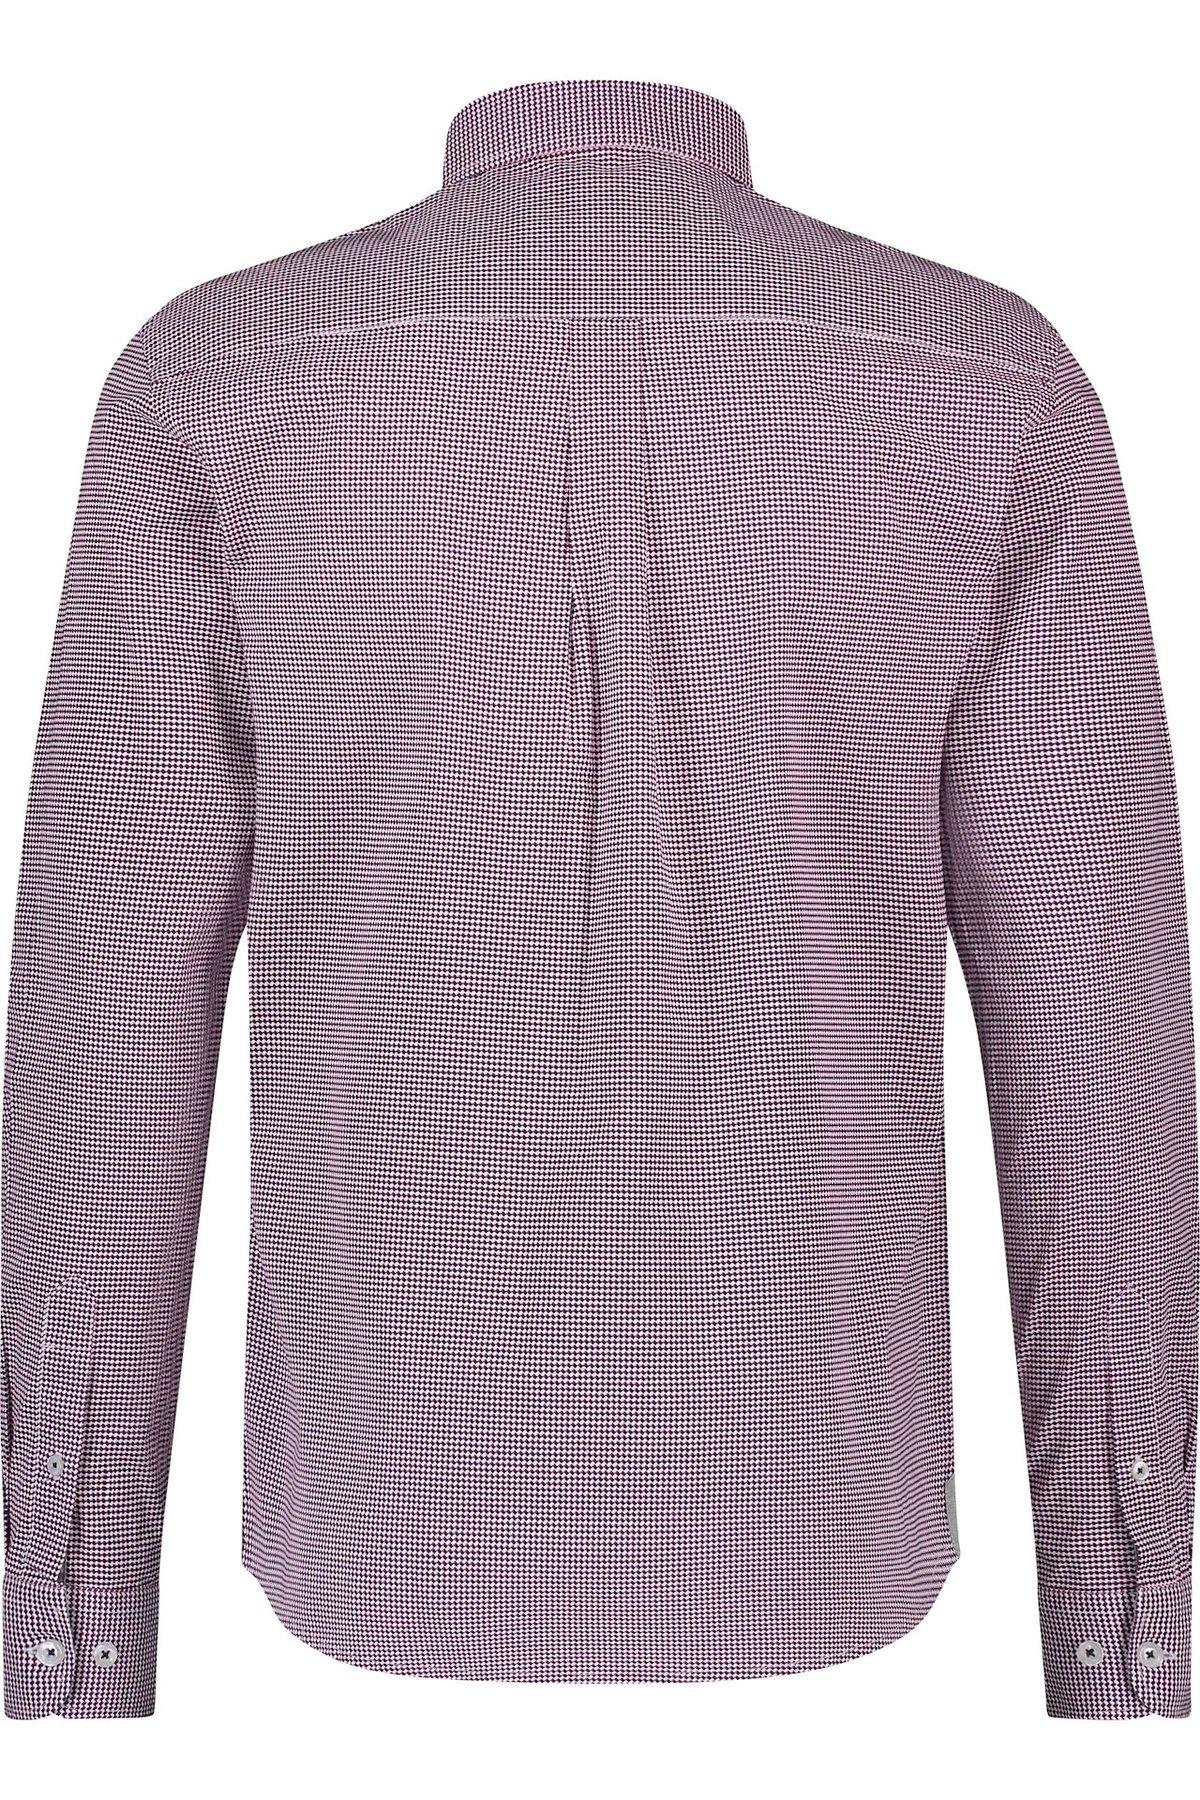 HAZE & FINN chemise stretch à imprimé illusion rouge regular fit-2